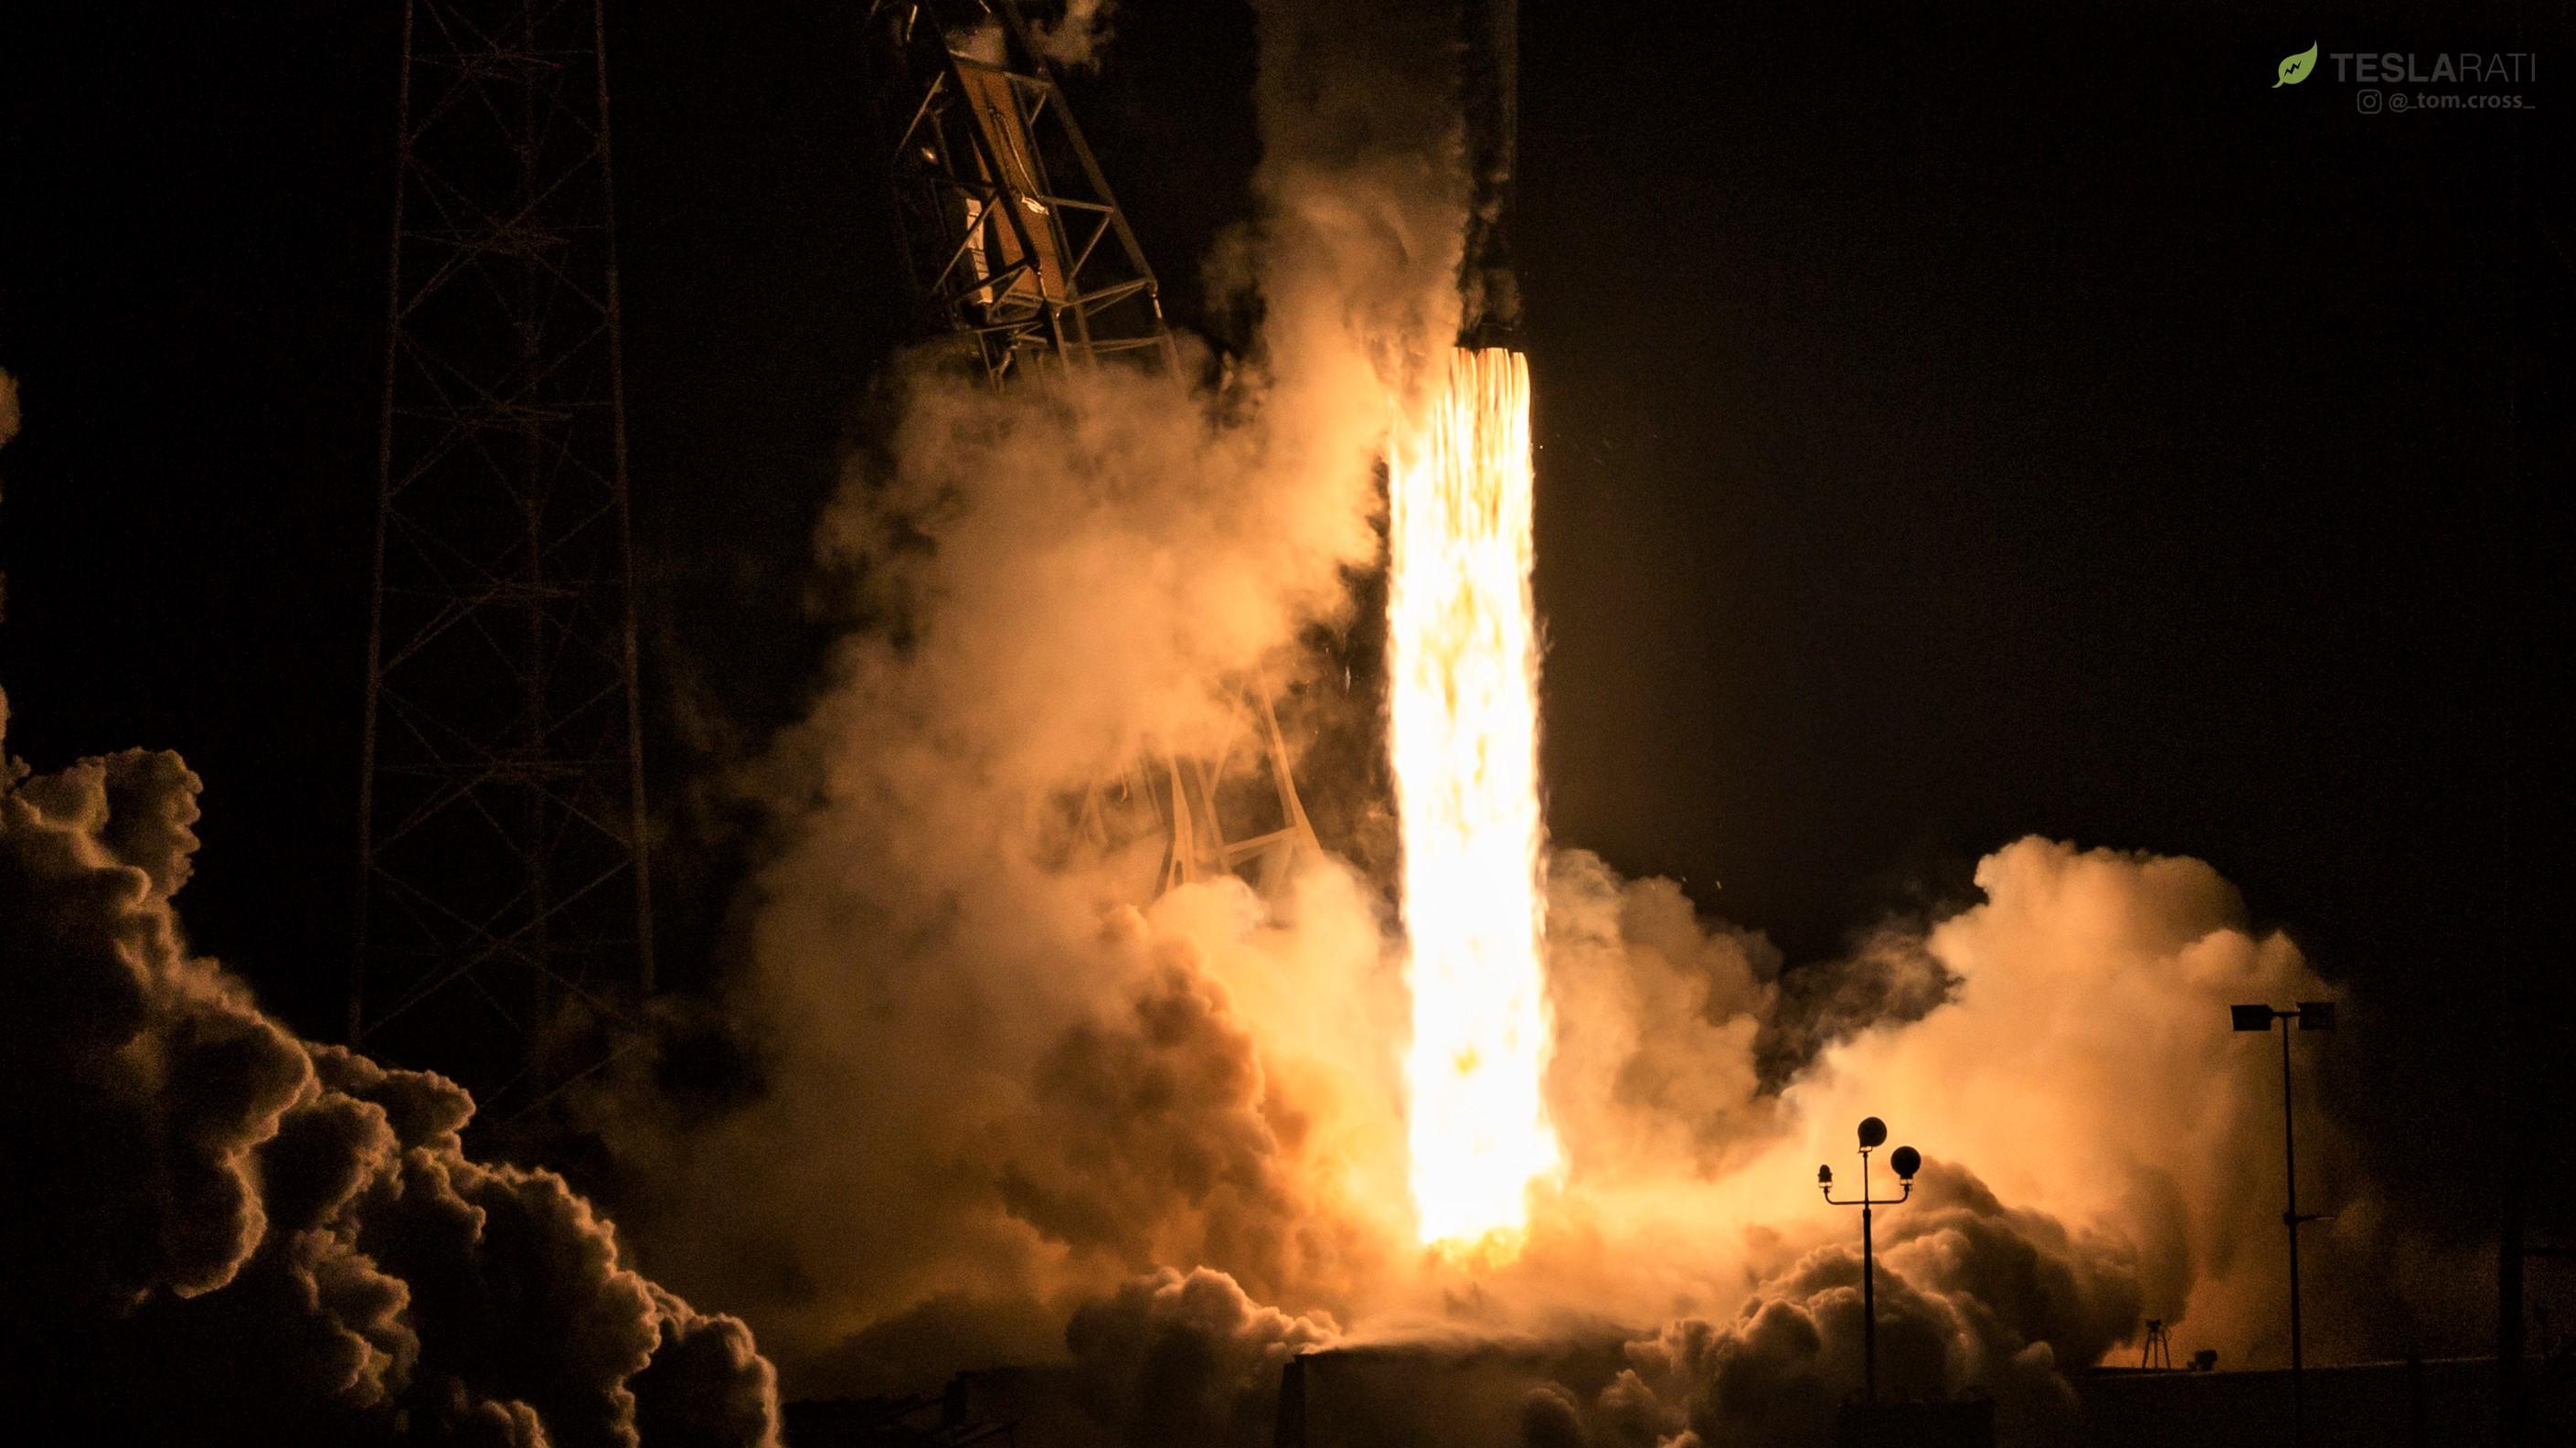 Falcon 9 B1049 Telstar 18V launch (Tom Cross) 4